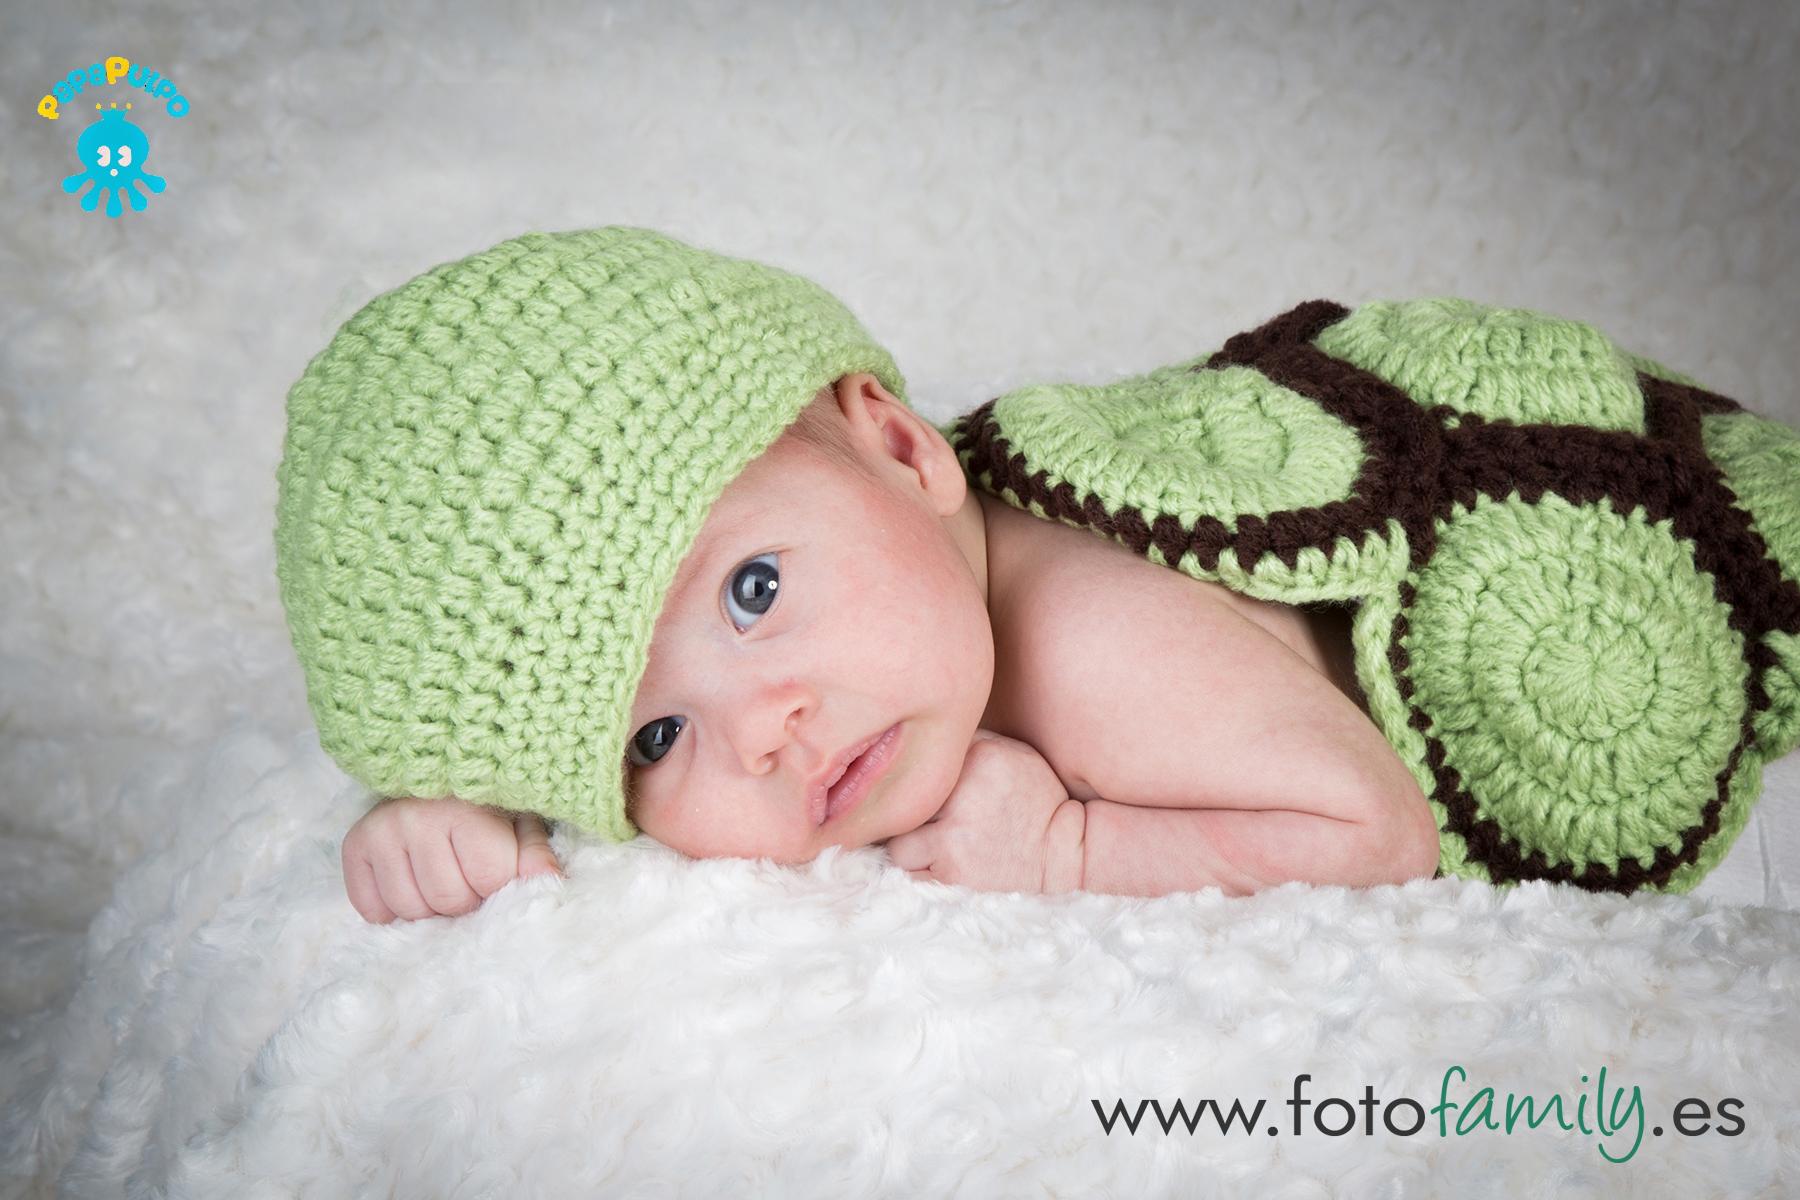 Tortuguita bebé